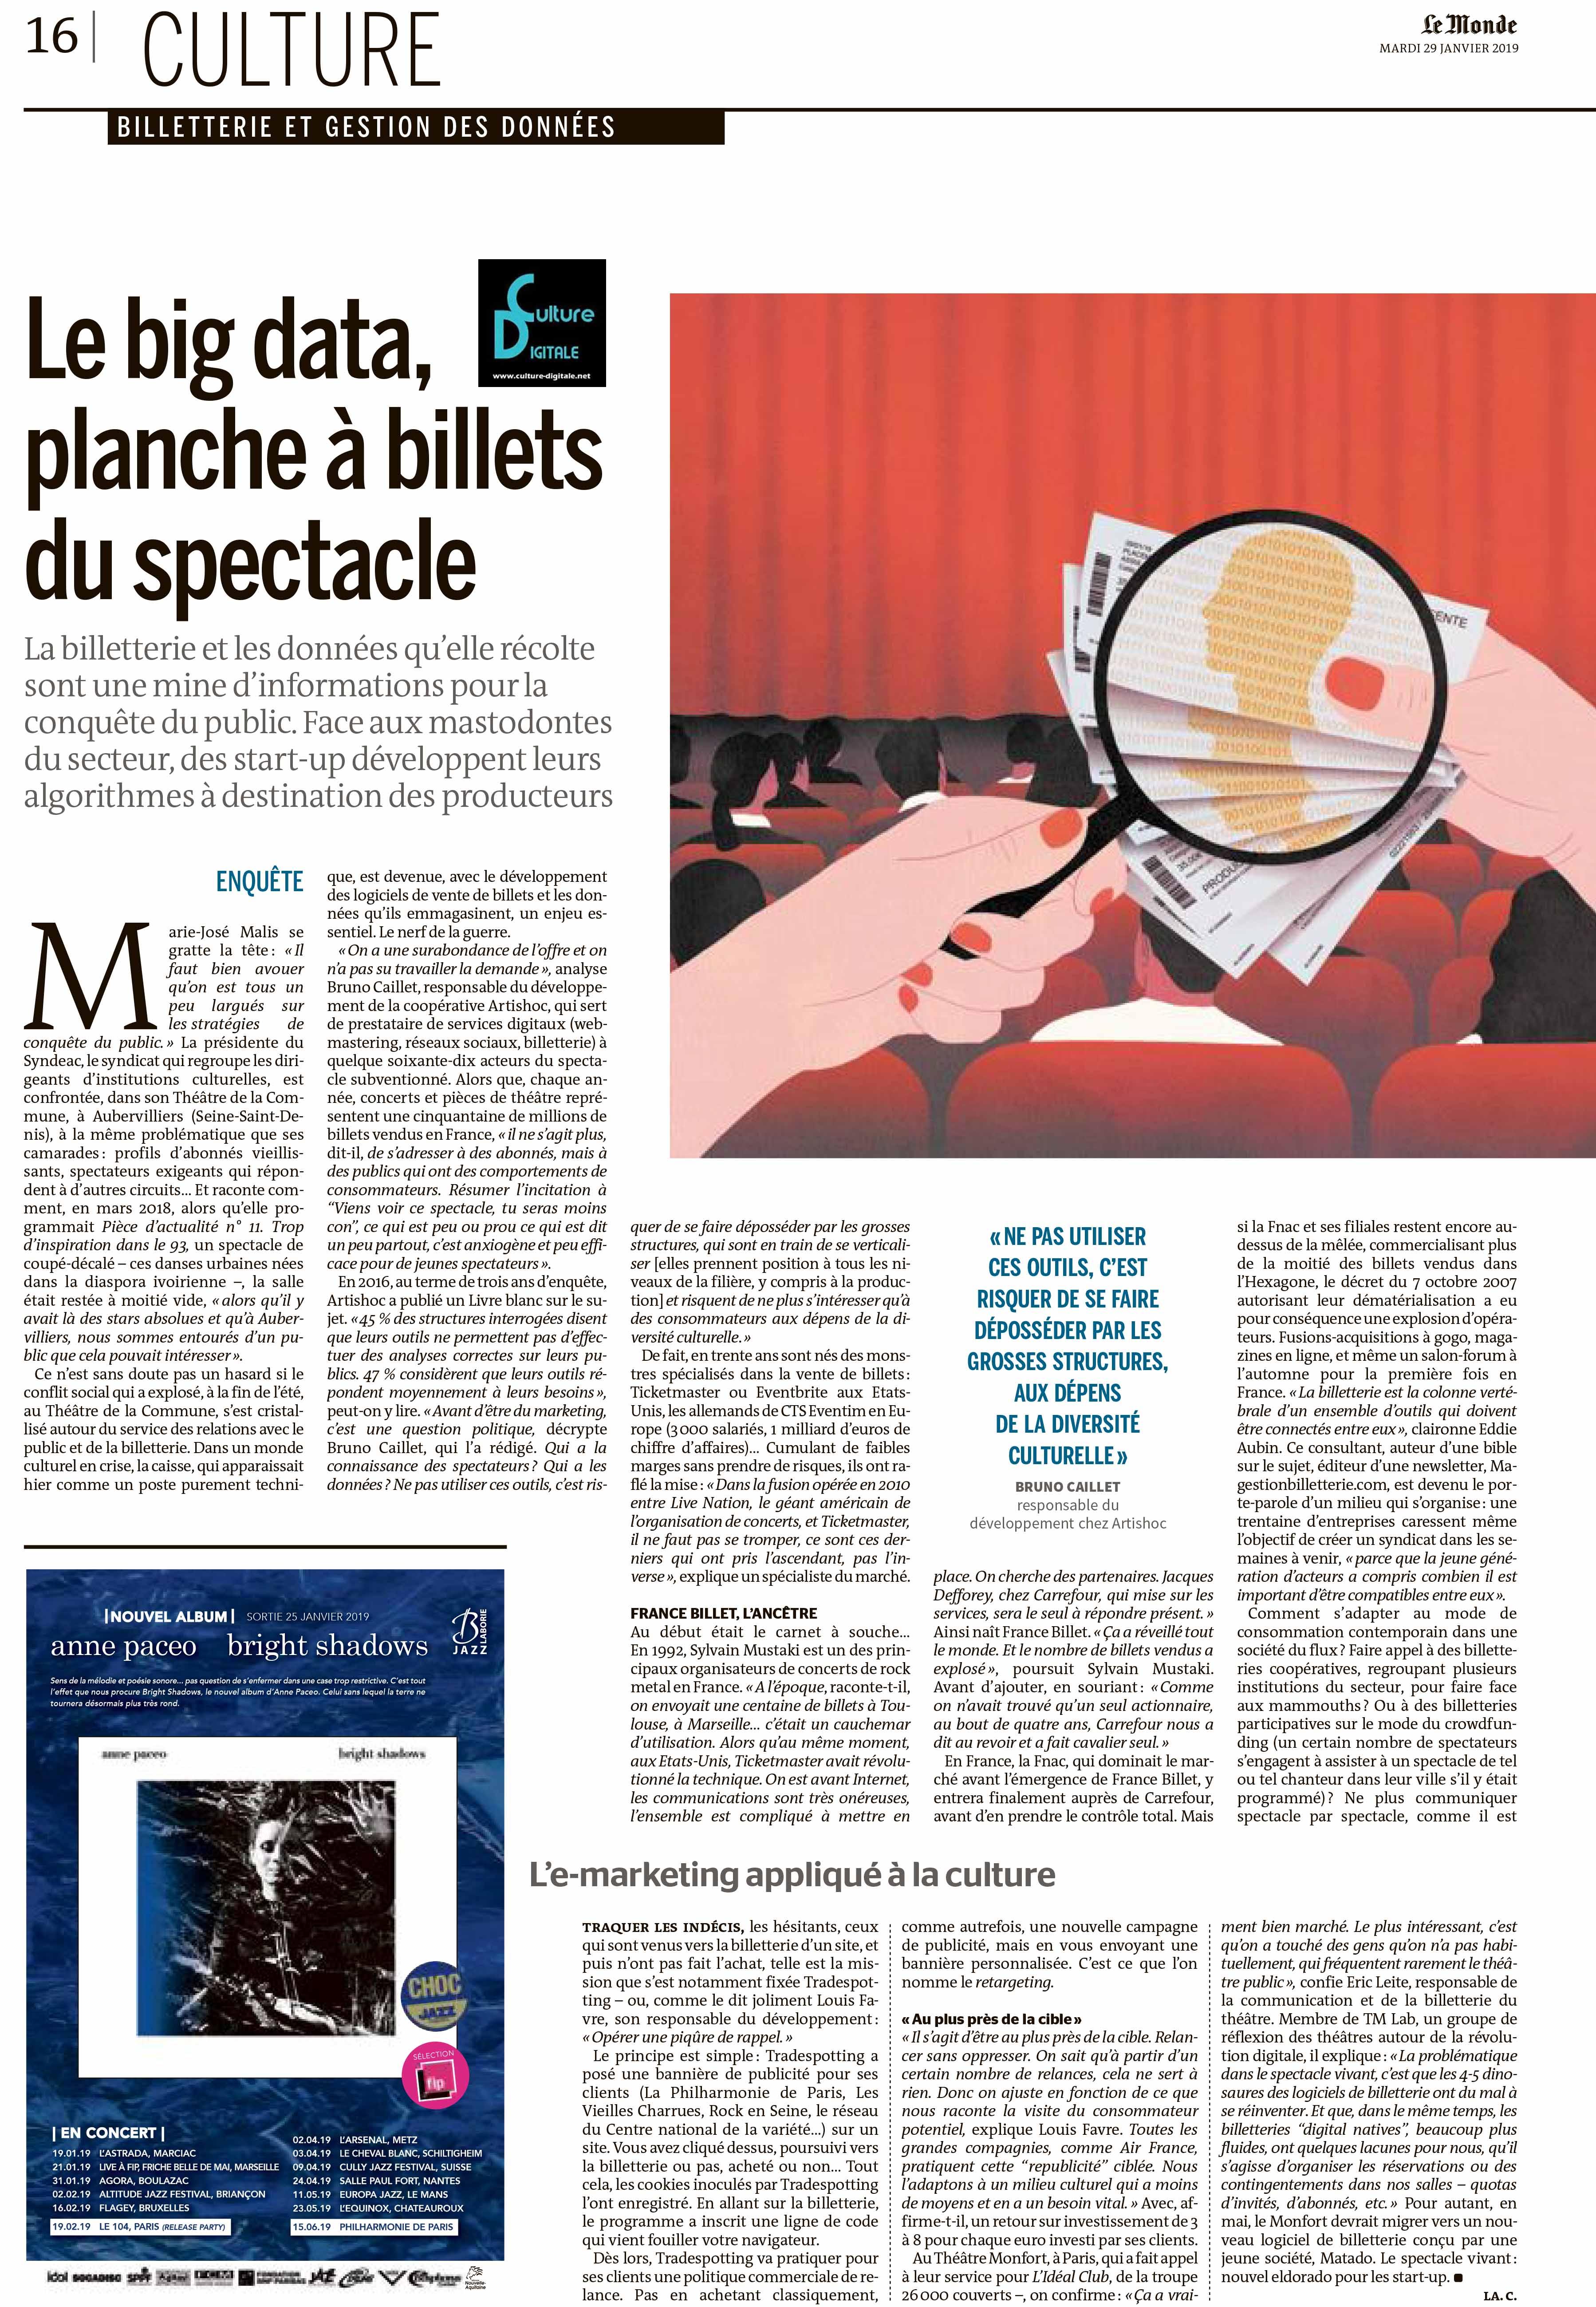 Le big data, planche à billet du spectacle Le big data, planche à billet du spectacle 1 le big data planche billet du spectacle www